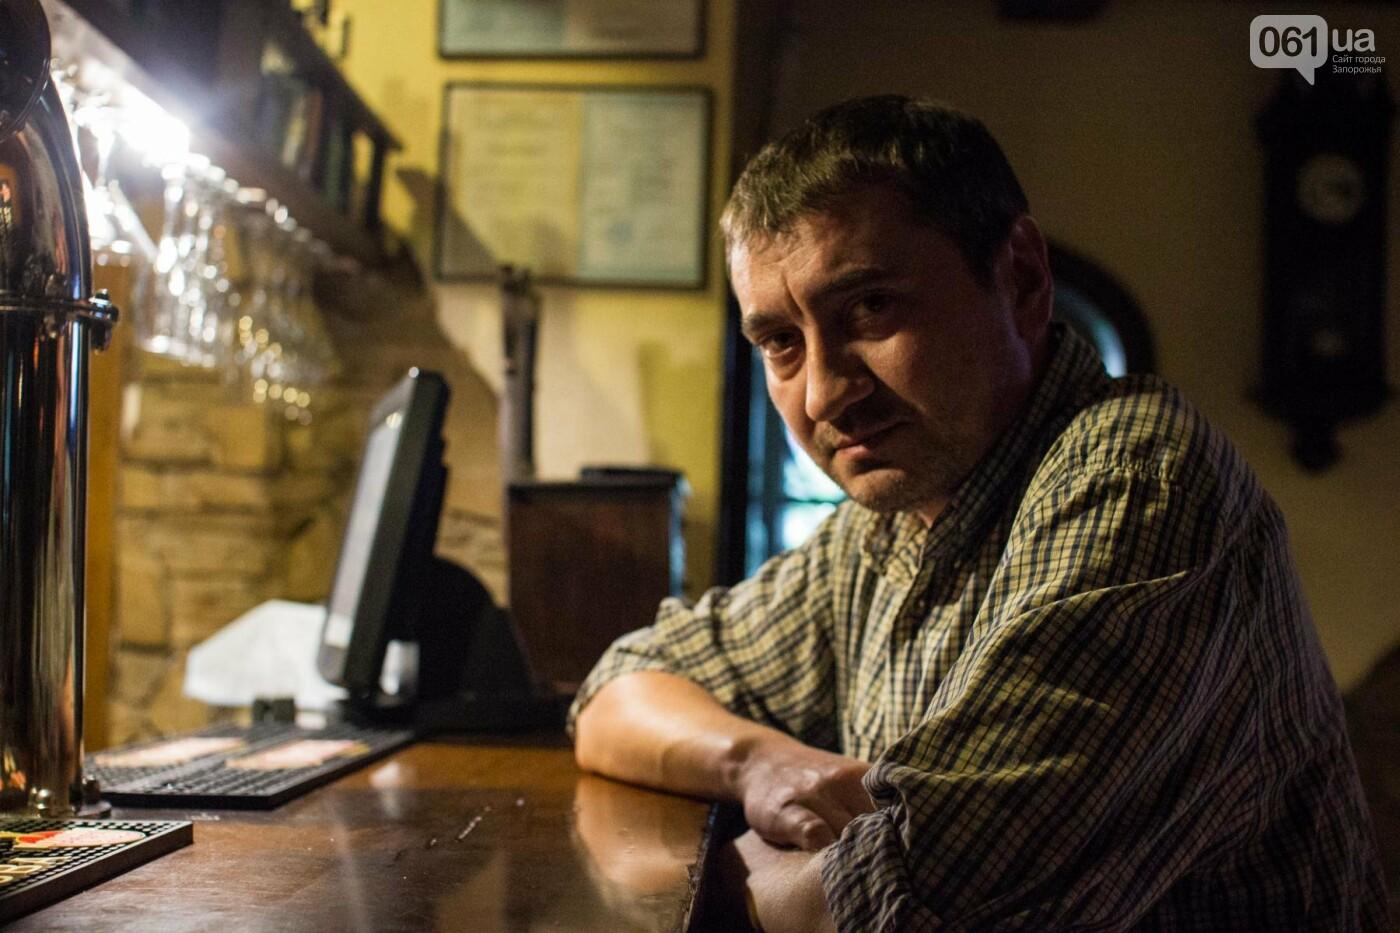 """""""Существует только два вида пива"""": история запорожца, который отказался от престижной должности ради работы пивоваром, фото-1"""